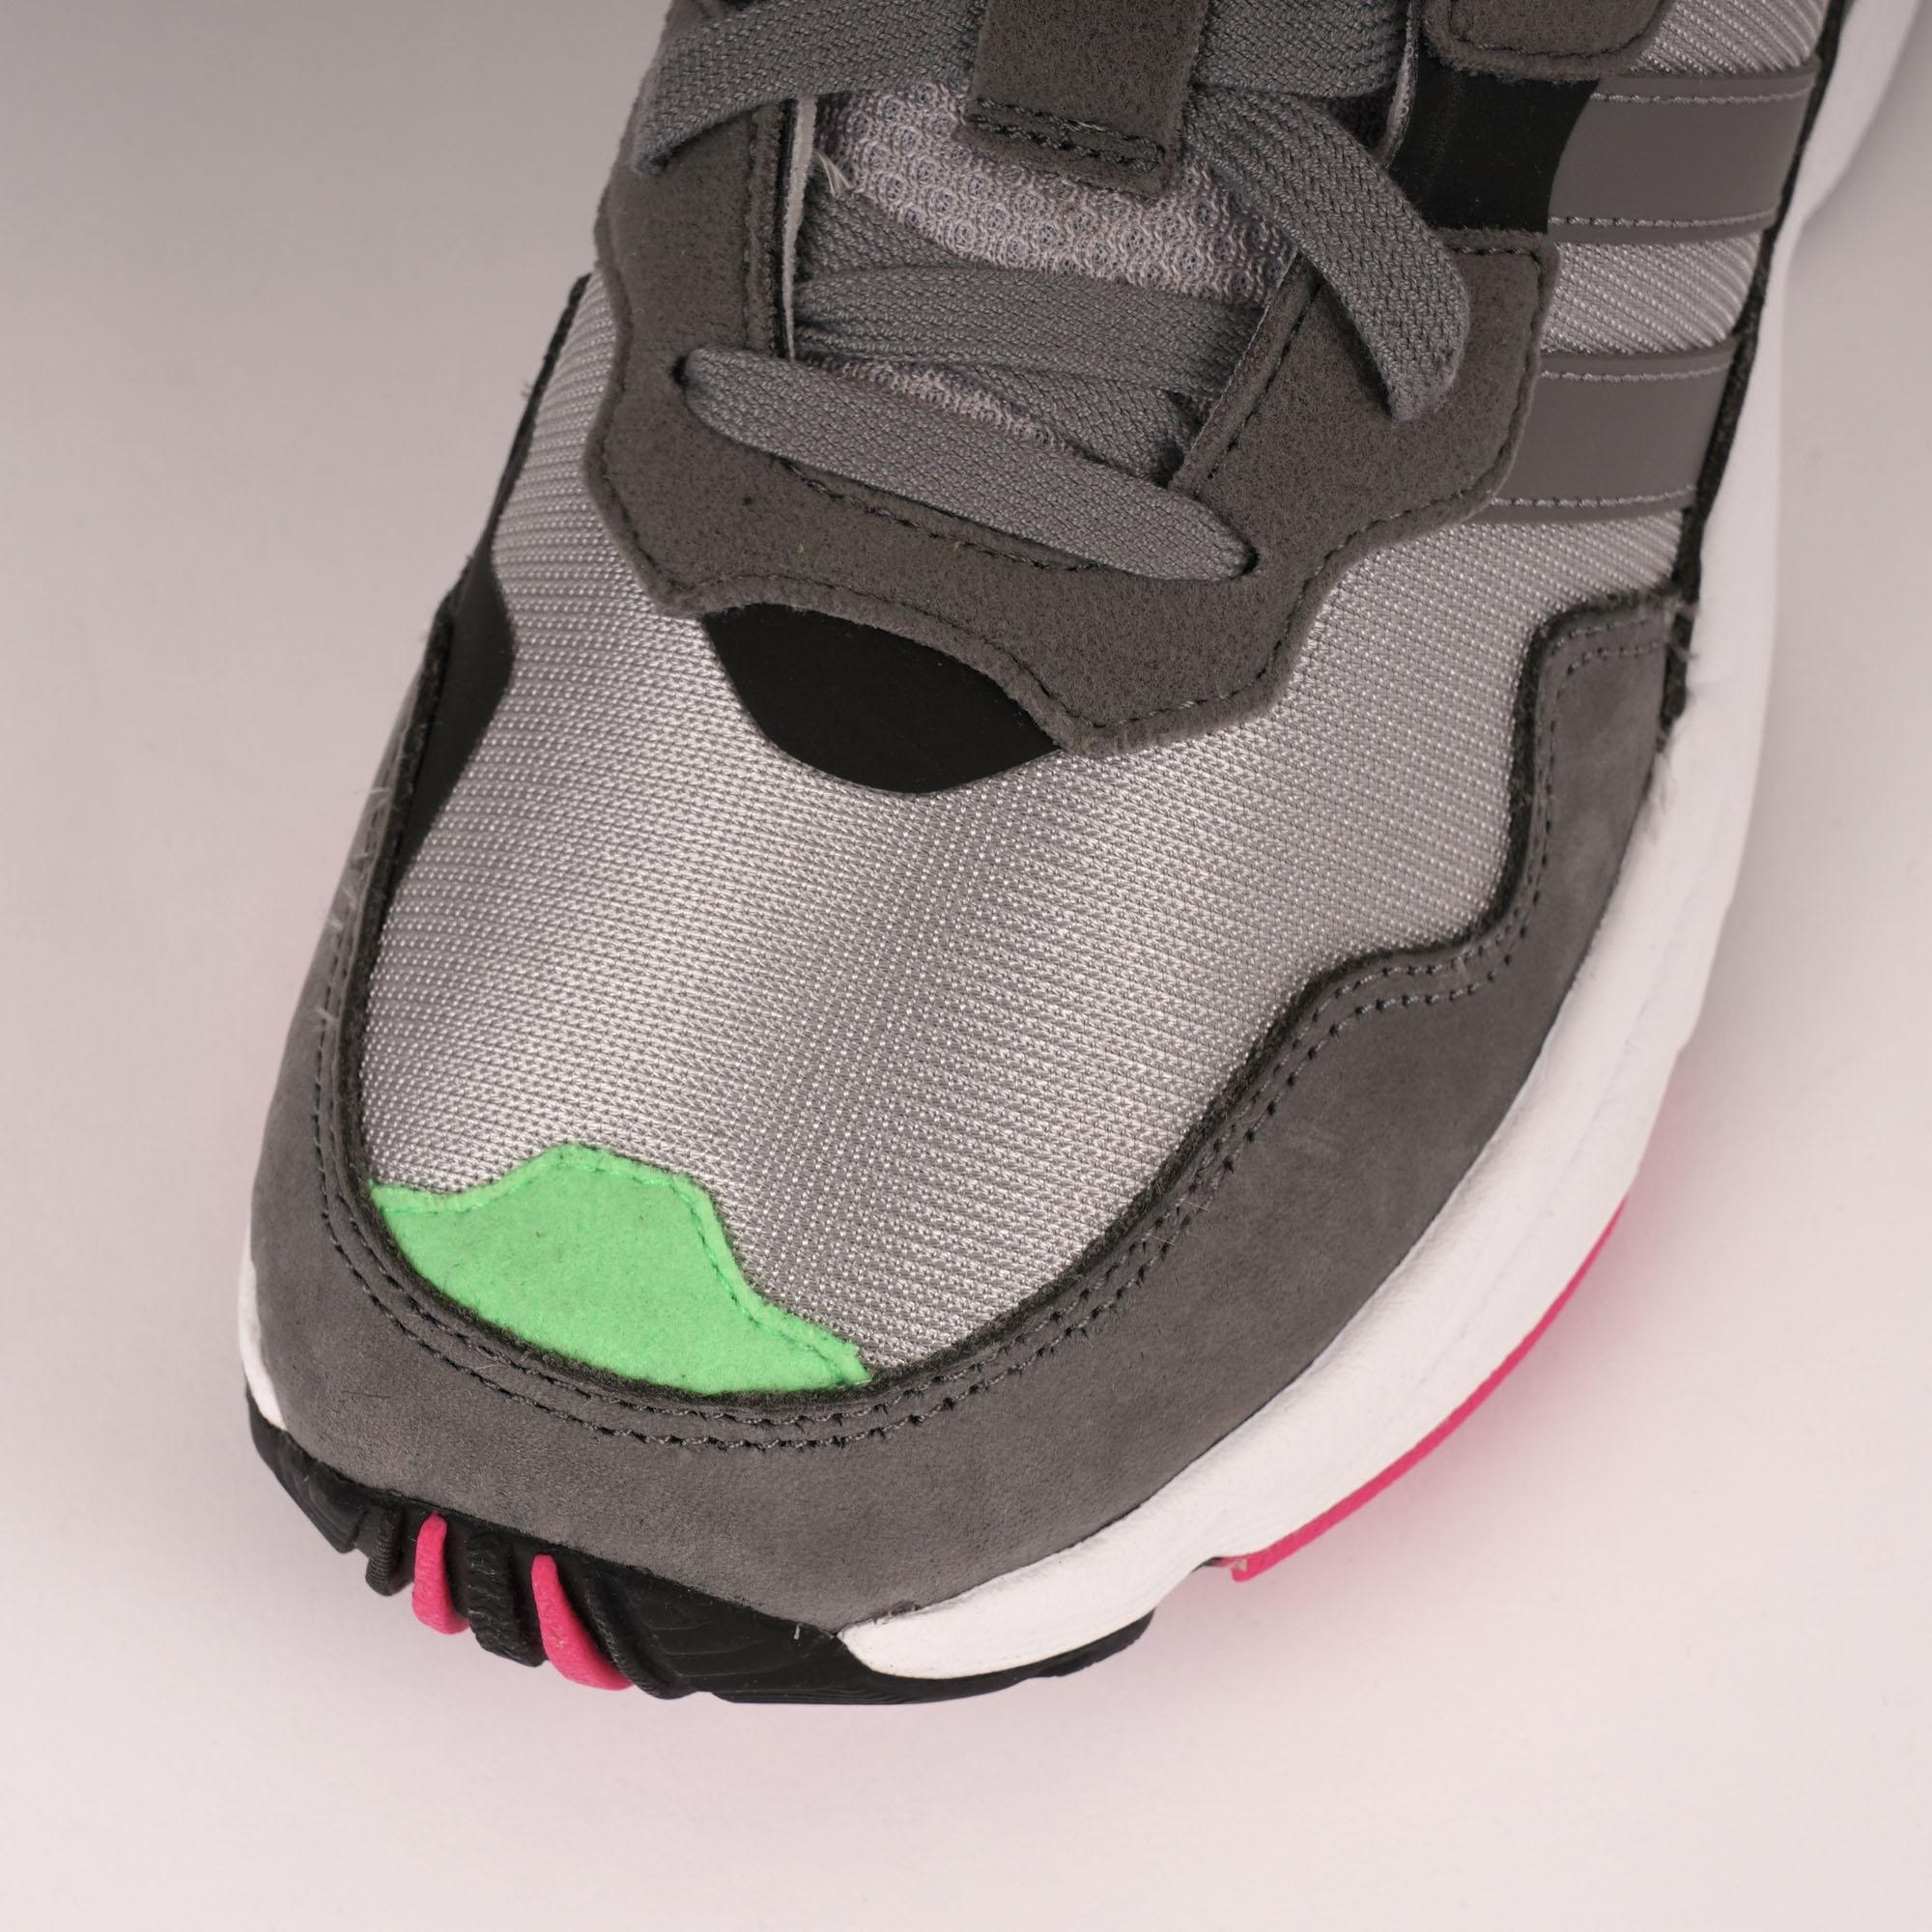 5610e656d8e180 adidas Originals Yung-96